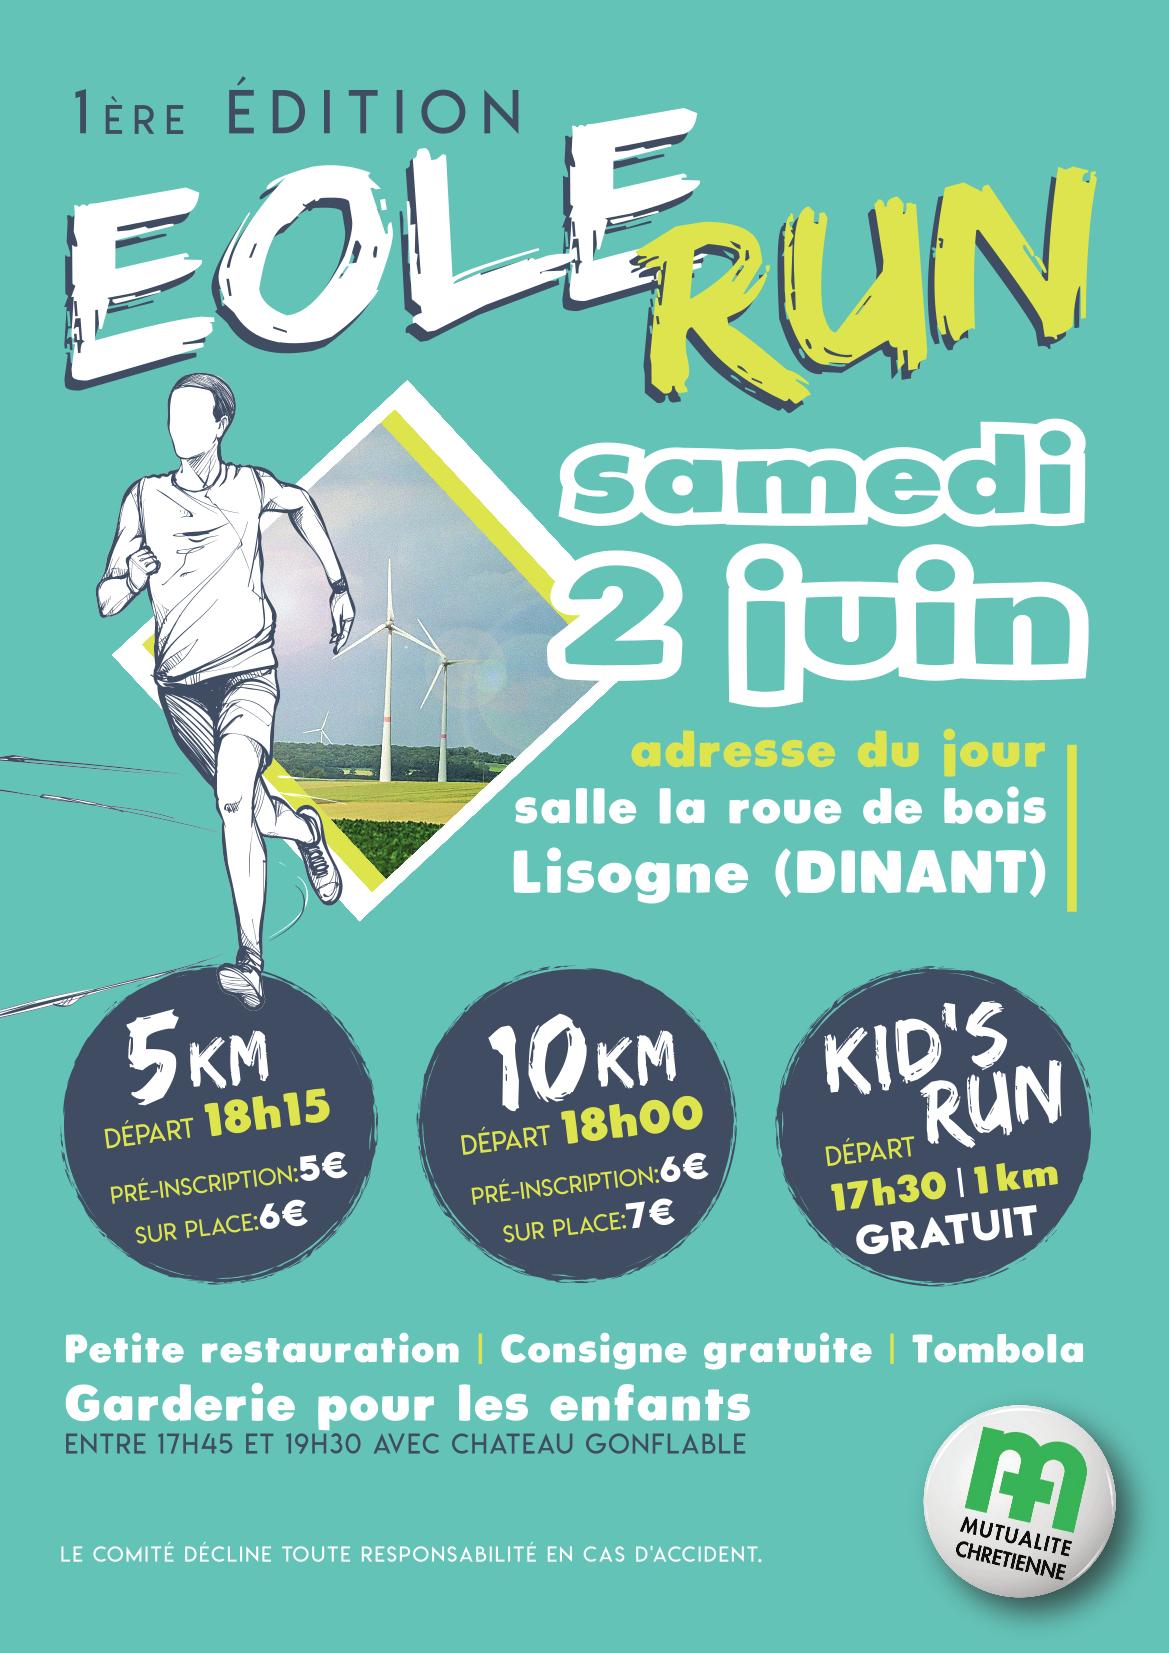 1ère édition de l'Eole Run